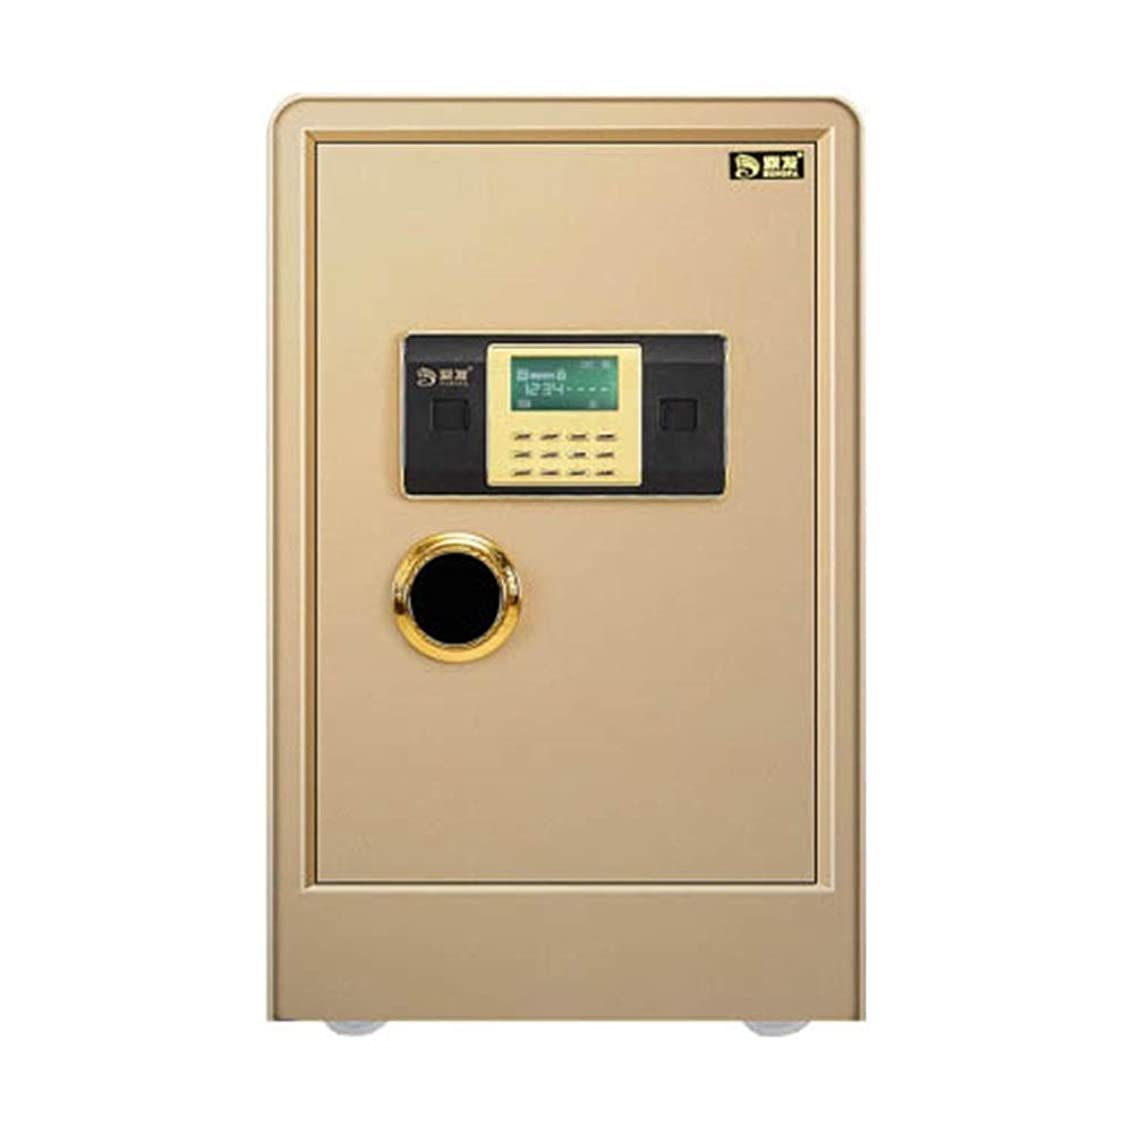 息苦しい推進力パパホーム70センチメートル高い大型金庫盗難防止に壁パスワード金庫のパスワード/指紋 耐火金庫 (Color : Golden, Size : Password)